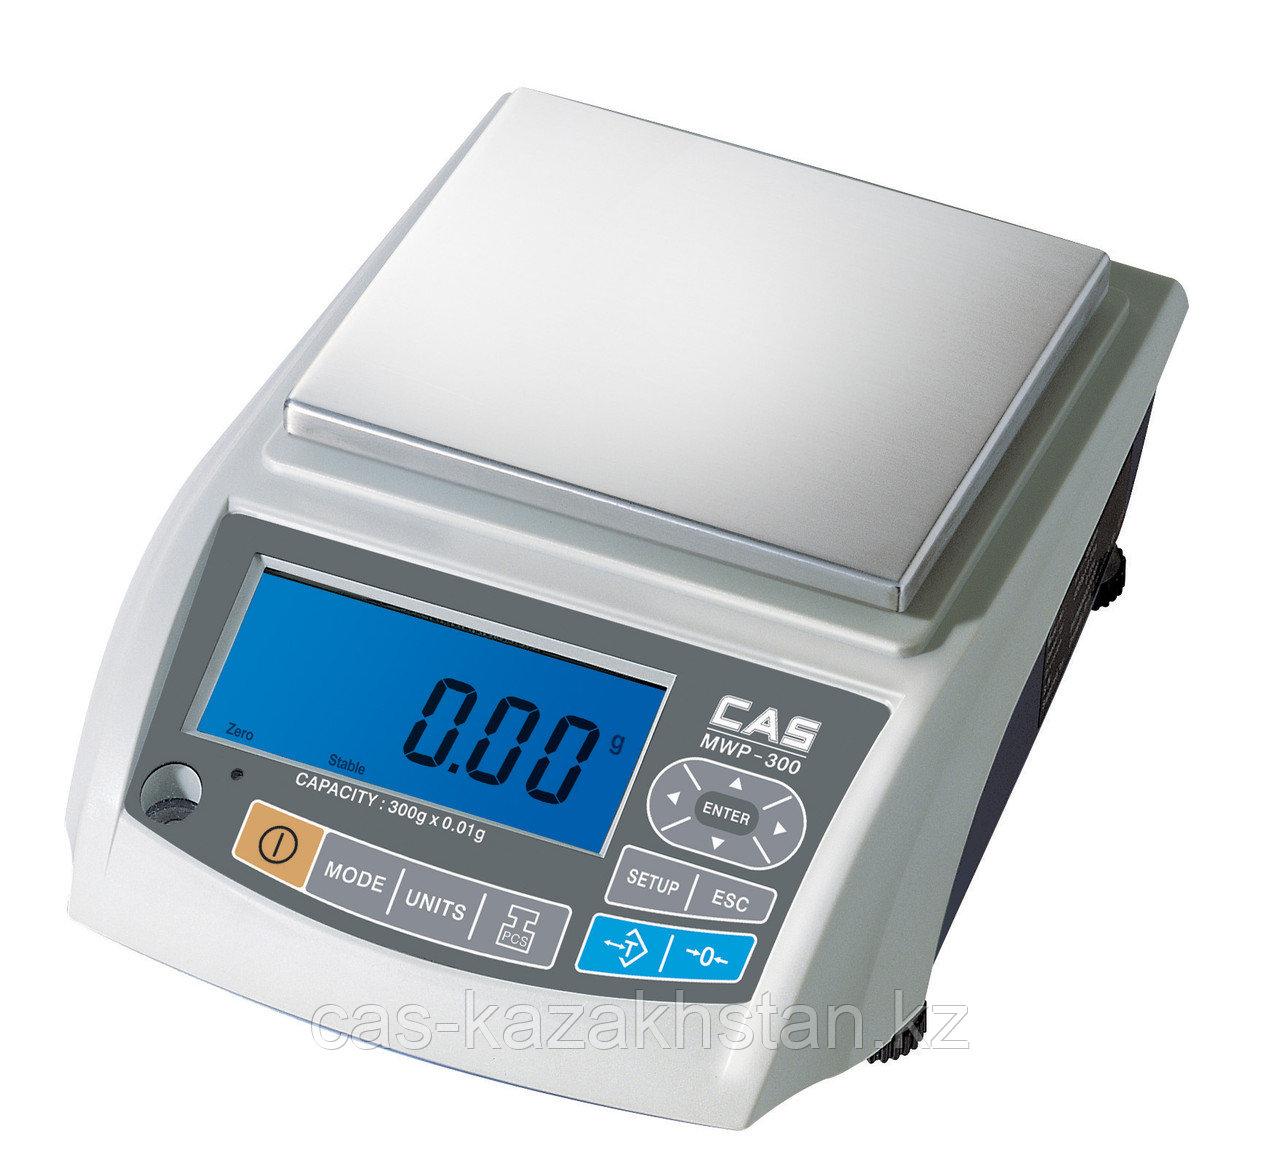 Весы лабораторные MWP-300Н